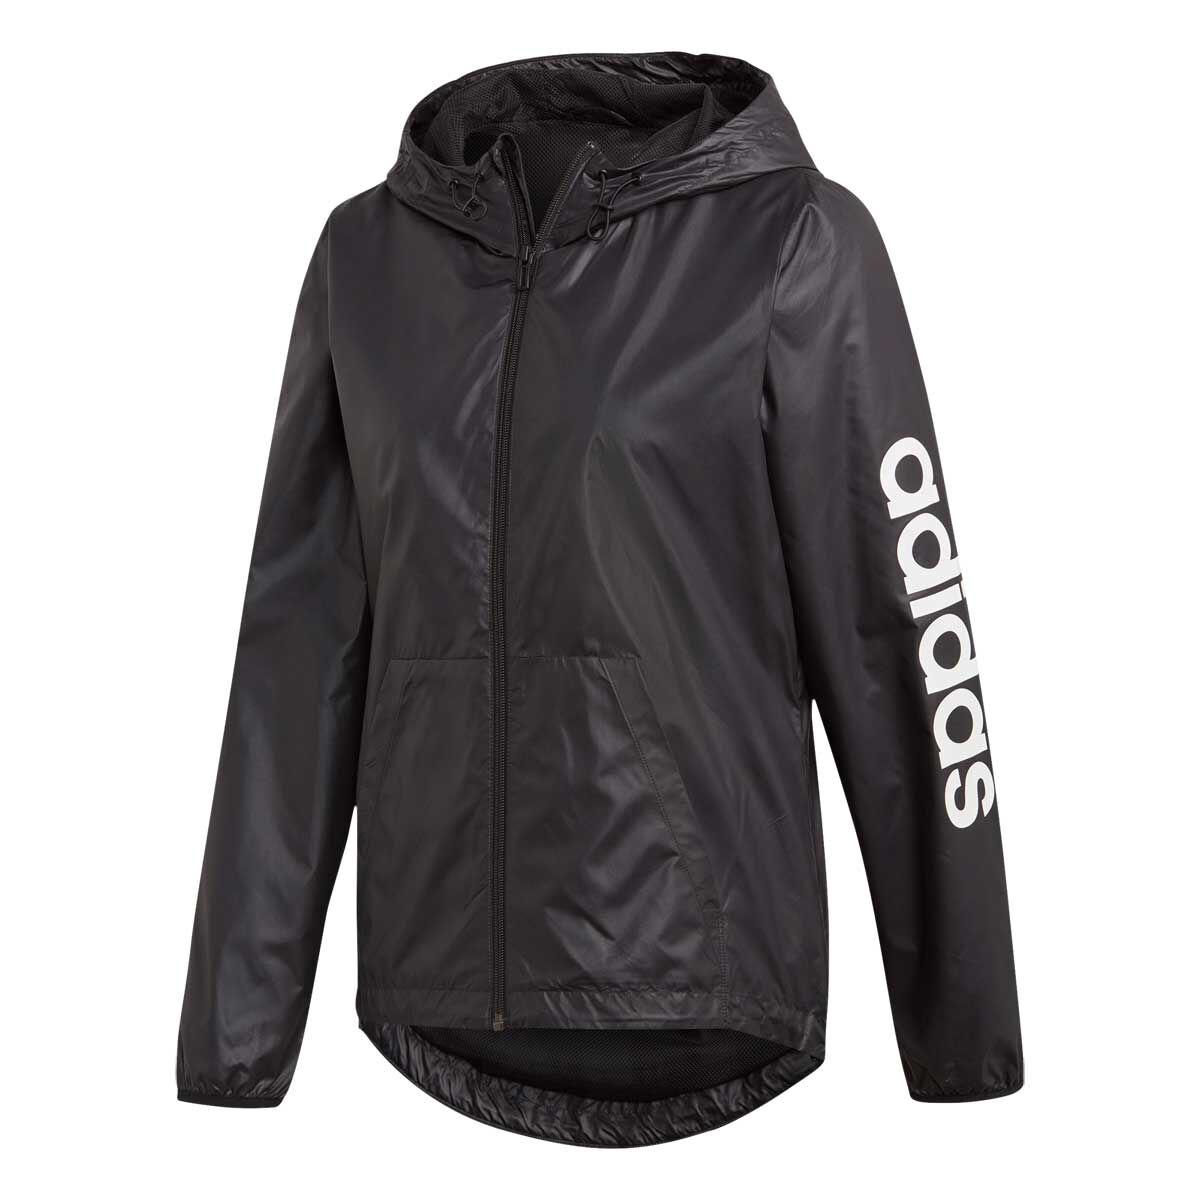 adidas Women's Linear Windbreaker Jacket NWT, size